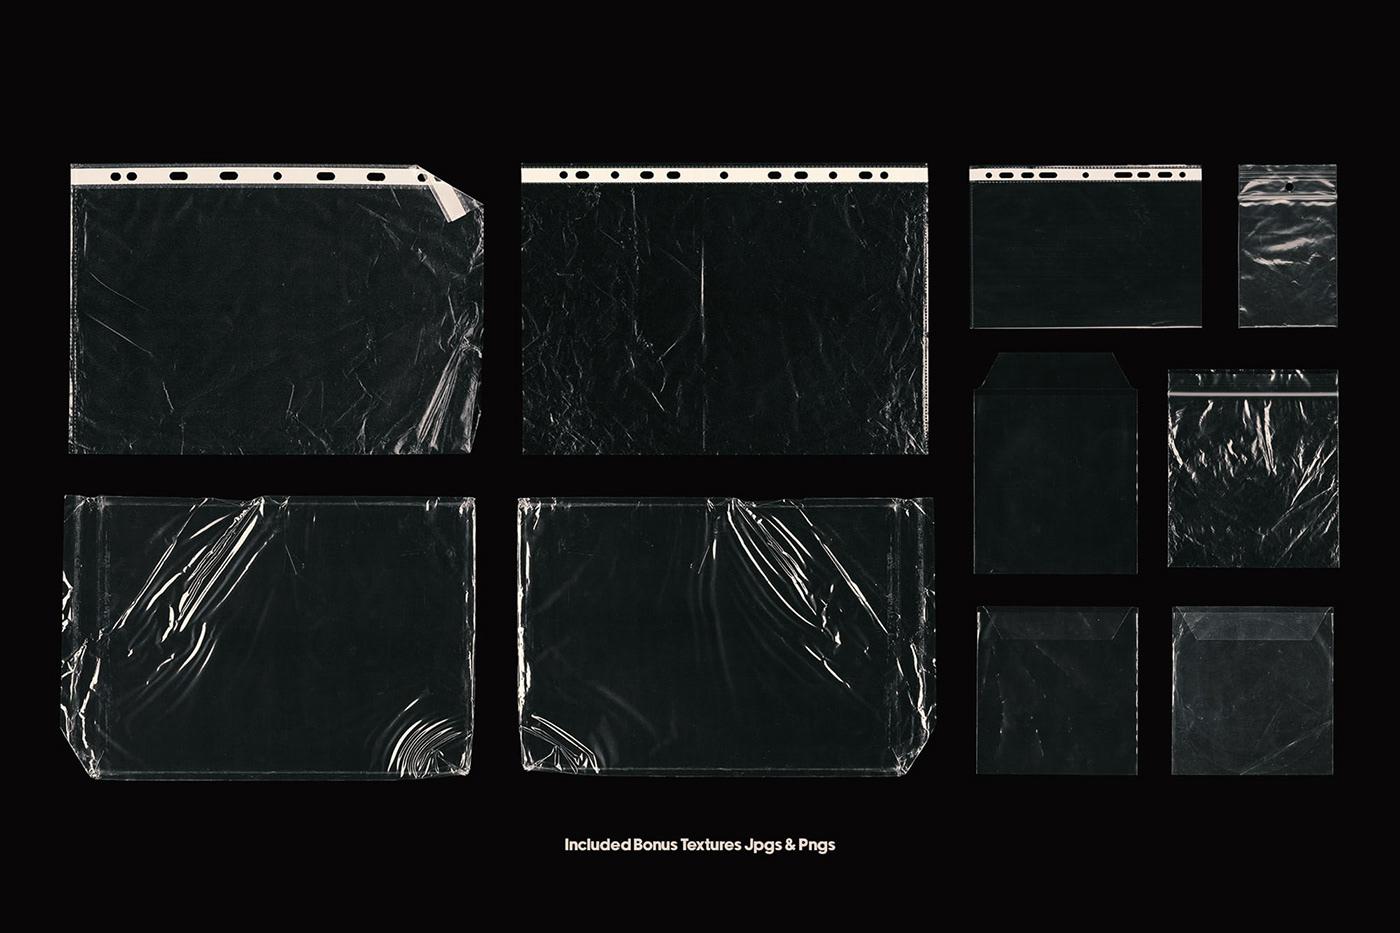 branding ,Bubble Wrap,cellophane,Packaging,plastic,png,texture,texture pack,transparent,Wrap